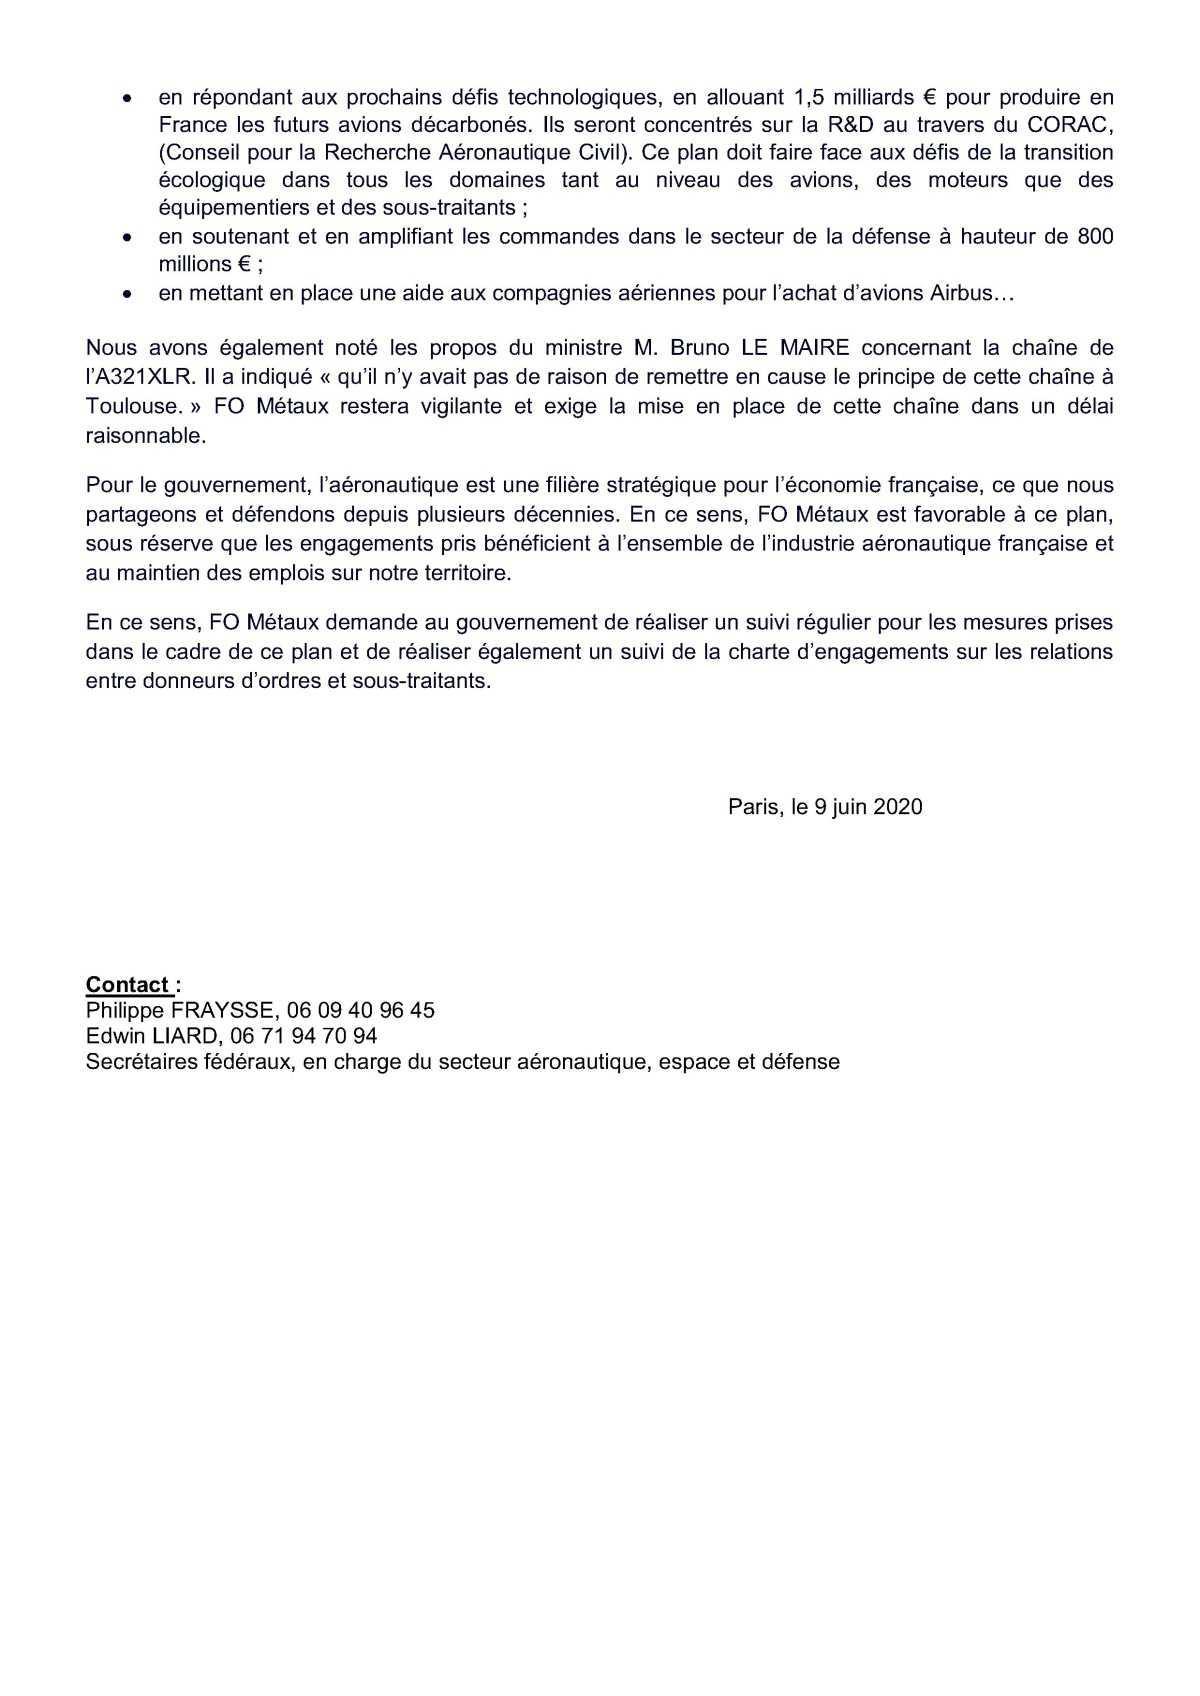 FO Métaux favorable au plan de soutien à l'Aéronautique